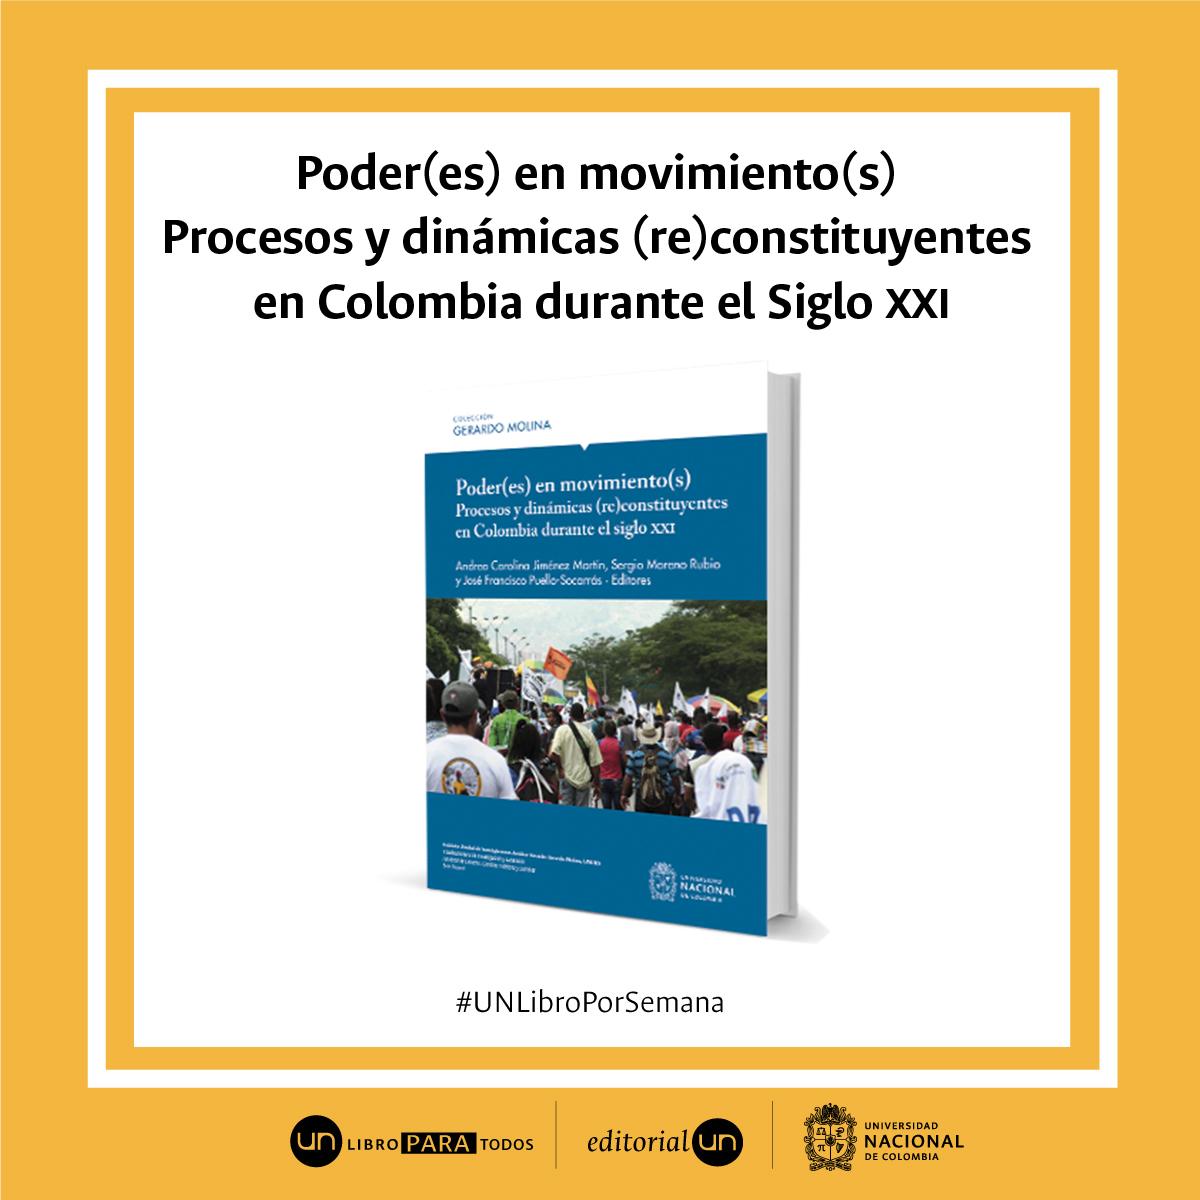 #UNLibroporSemana: 'Poder(es) en movimiento(s). Procesos y dinámicas (re)constituyentes en Colombia durante el Siglo XXI'